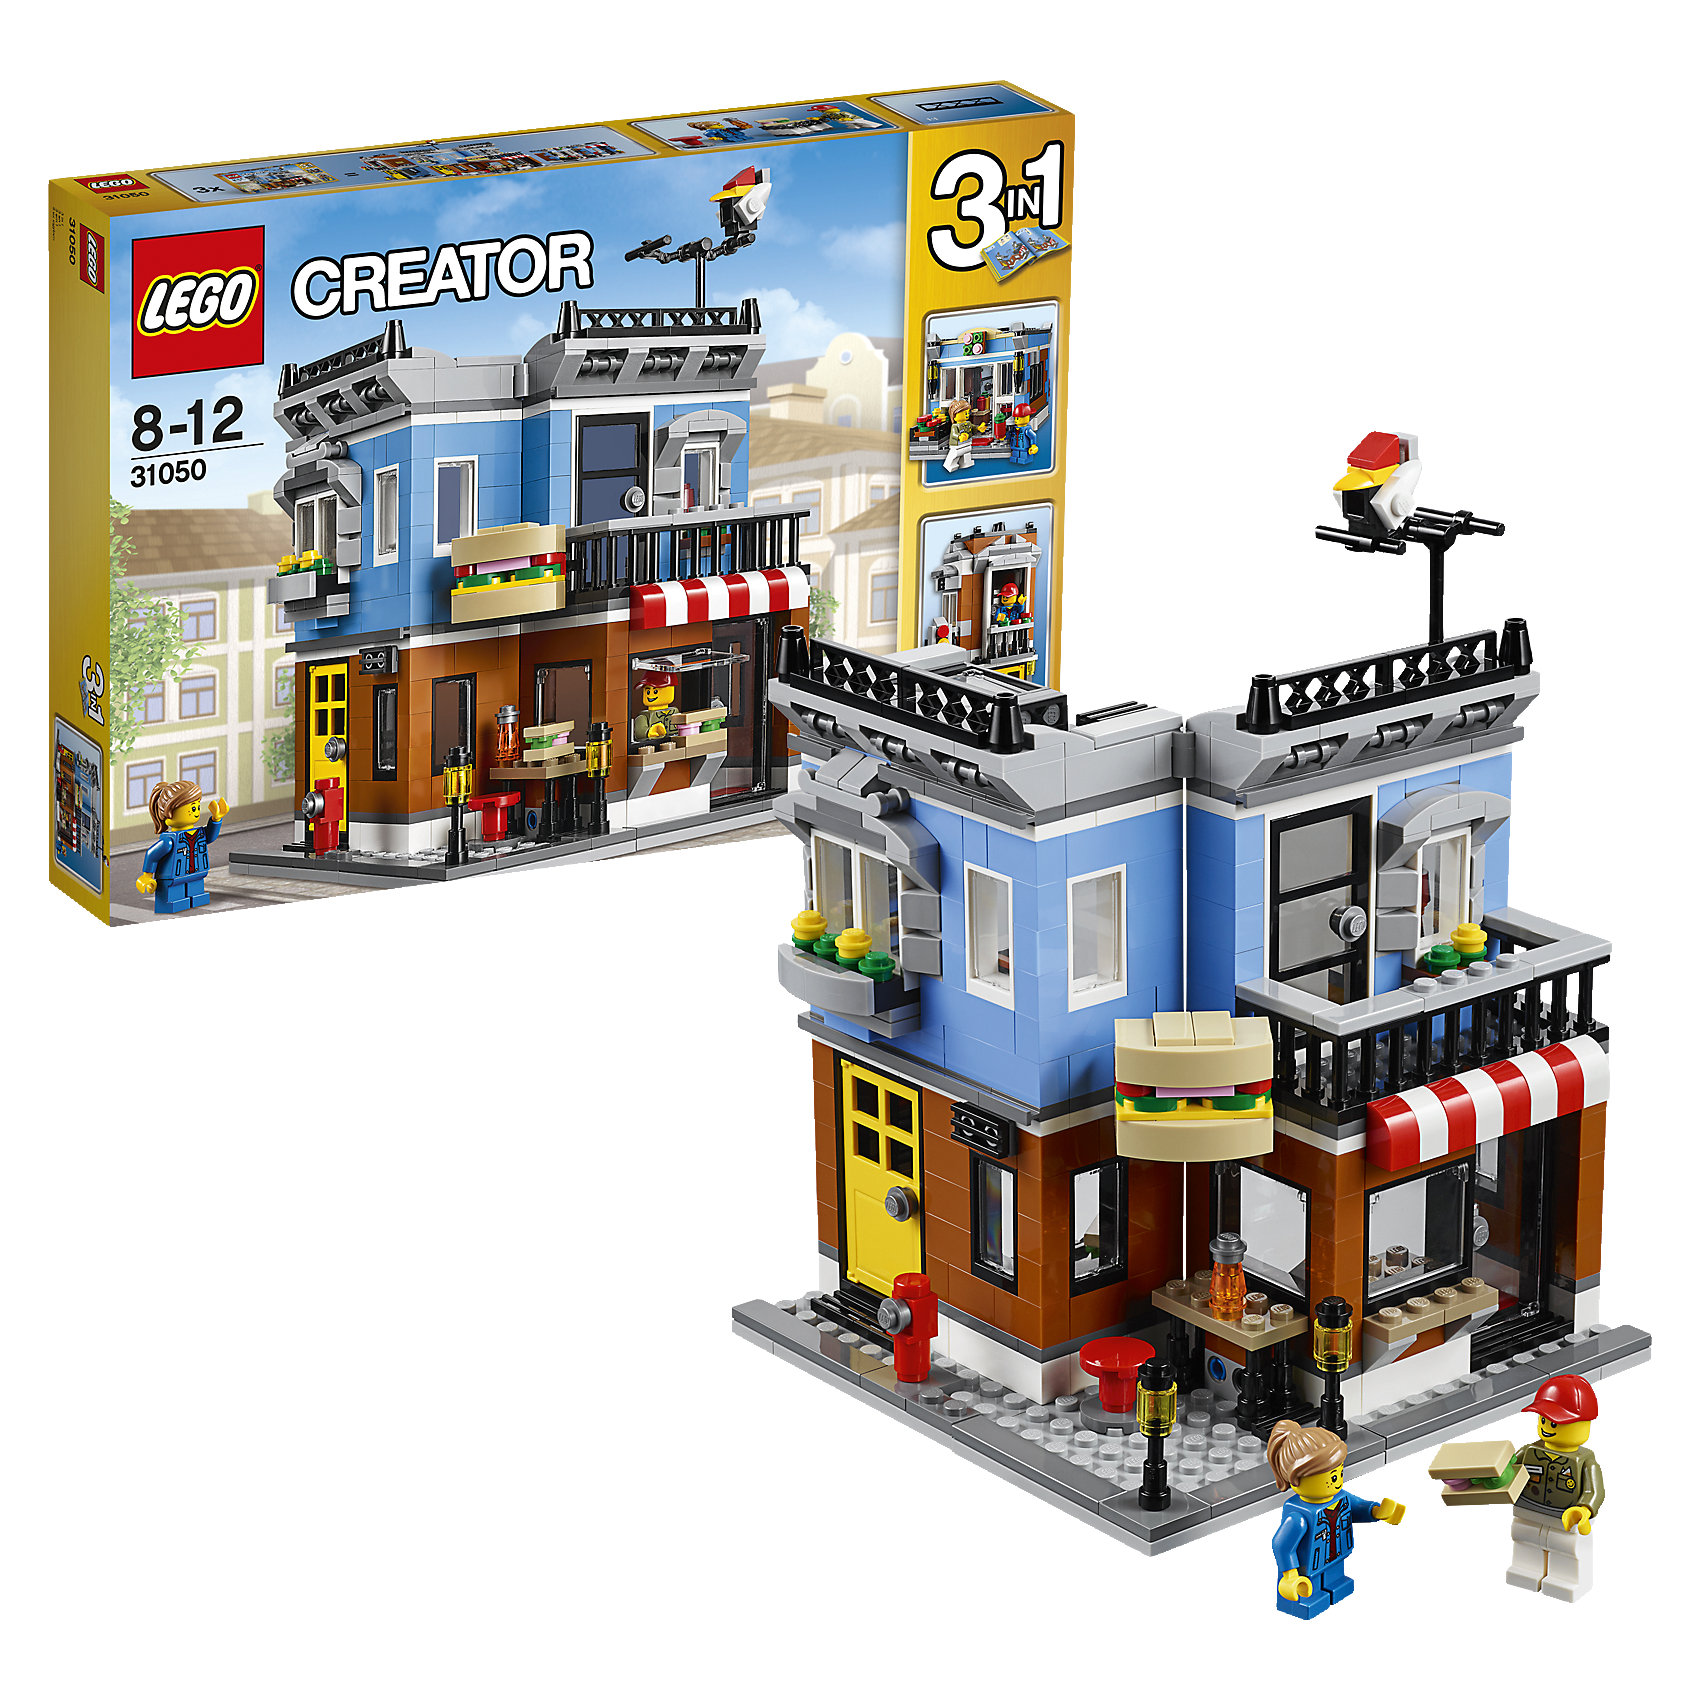 LEGO Creator 31050: Магазинчик на углуПластмассовые конструкторы<br>Открой собственный магазин с полосатым тентом, ярким цветным фасадом и смешной вывеской в виде сэндвича. Готовь бутерброды в уютной кухне, затем открывай большие окошки и приглашай проголодавшихся посетителей, которые останавливаются перекусить на оживленном тротуаре с уличными фонарями и пожарным гидрантом. Когда придёт время для отдыха, поднимайся по лестнице в уютную квартиру на втором этаже, где есть удобное кресло, лампа, выход на балкон и террасу на крыше. Перестрой модель в небольшой таунхаус или цветочный магазин.<br><br>LEGO Creator (Лего Криэйтор) - серия конструкторов Лего, с помощью которых можно создать самые невероятные и детализированные постройки, оригинальных героев, необыкновенные транспортные средства. Из деталей одного набора можно построить 3 разные модели.  С конструкторами Лего Криэйтор ребёнок сможет каждый день придумывать новые игровые сюжеты, создавать фантастический мир, воплощая фантазии в реальность. <br><br>Дополнительная информация:<br><br>- Конструкторы ЛЕГО развивают усидчивость, внимание, фантазию и мелкую моторику. <br>- 2 фигурки.<br>- В комплекте 2 фигурки, магазин, аксессуары. <br>- Количество деталей: 467<br>- Серия LEGO Creator (Лего Криэйтор).<br>- Материал: пластик.<br>- Размер упаковки: 38х6х26 см.<br>- Вес: 0.755  кг.<br><br>LEGO Creator 31050: Магазинчик на углу можно купить в нашем магазине.<br><br>Ширина мм: 384<br>Глубина мм: 264<br>Высота мм: 60<br>Вес г: 746<br>Возраст от месяцев: 96<br>Возраст до месяцев: 144<br>Пол: Унисекс<br>Возраст: Детский<br>SKU: 4259006